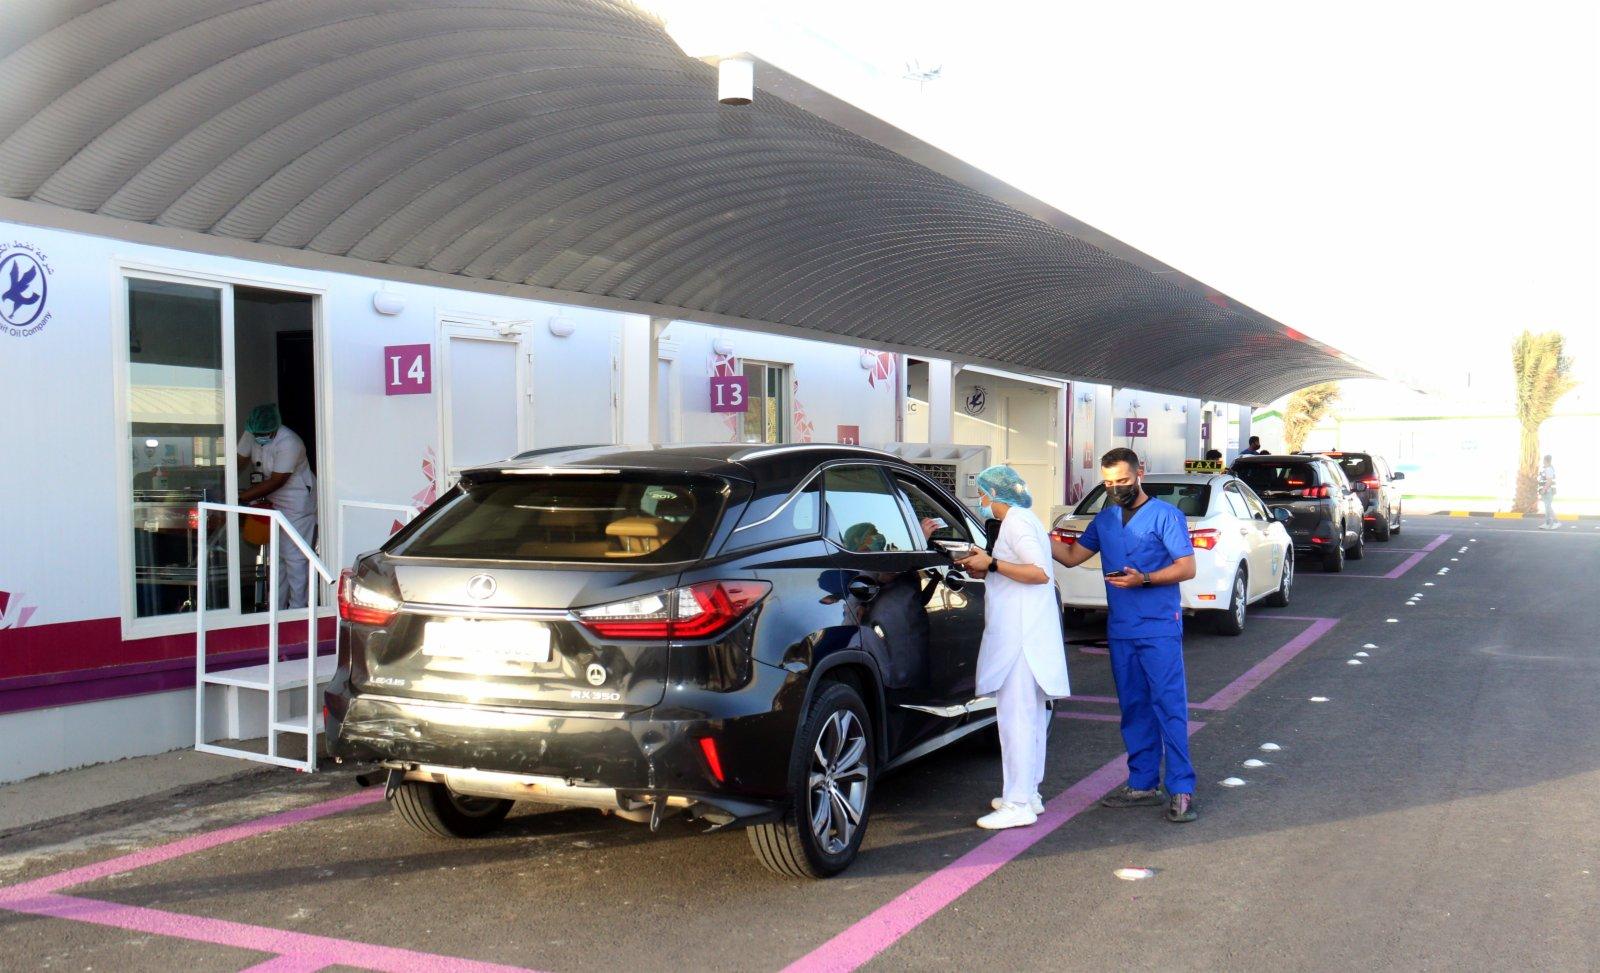 6月10日,在科威特首都科威特城的「免下車」新冠疫苗接種中心,醫務人員準備為車內人員接種新冠疫苗。(新華社)